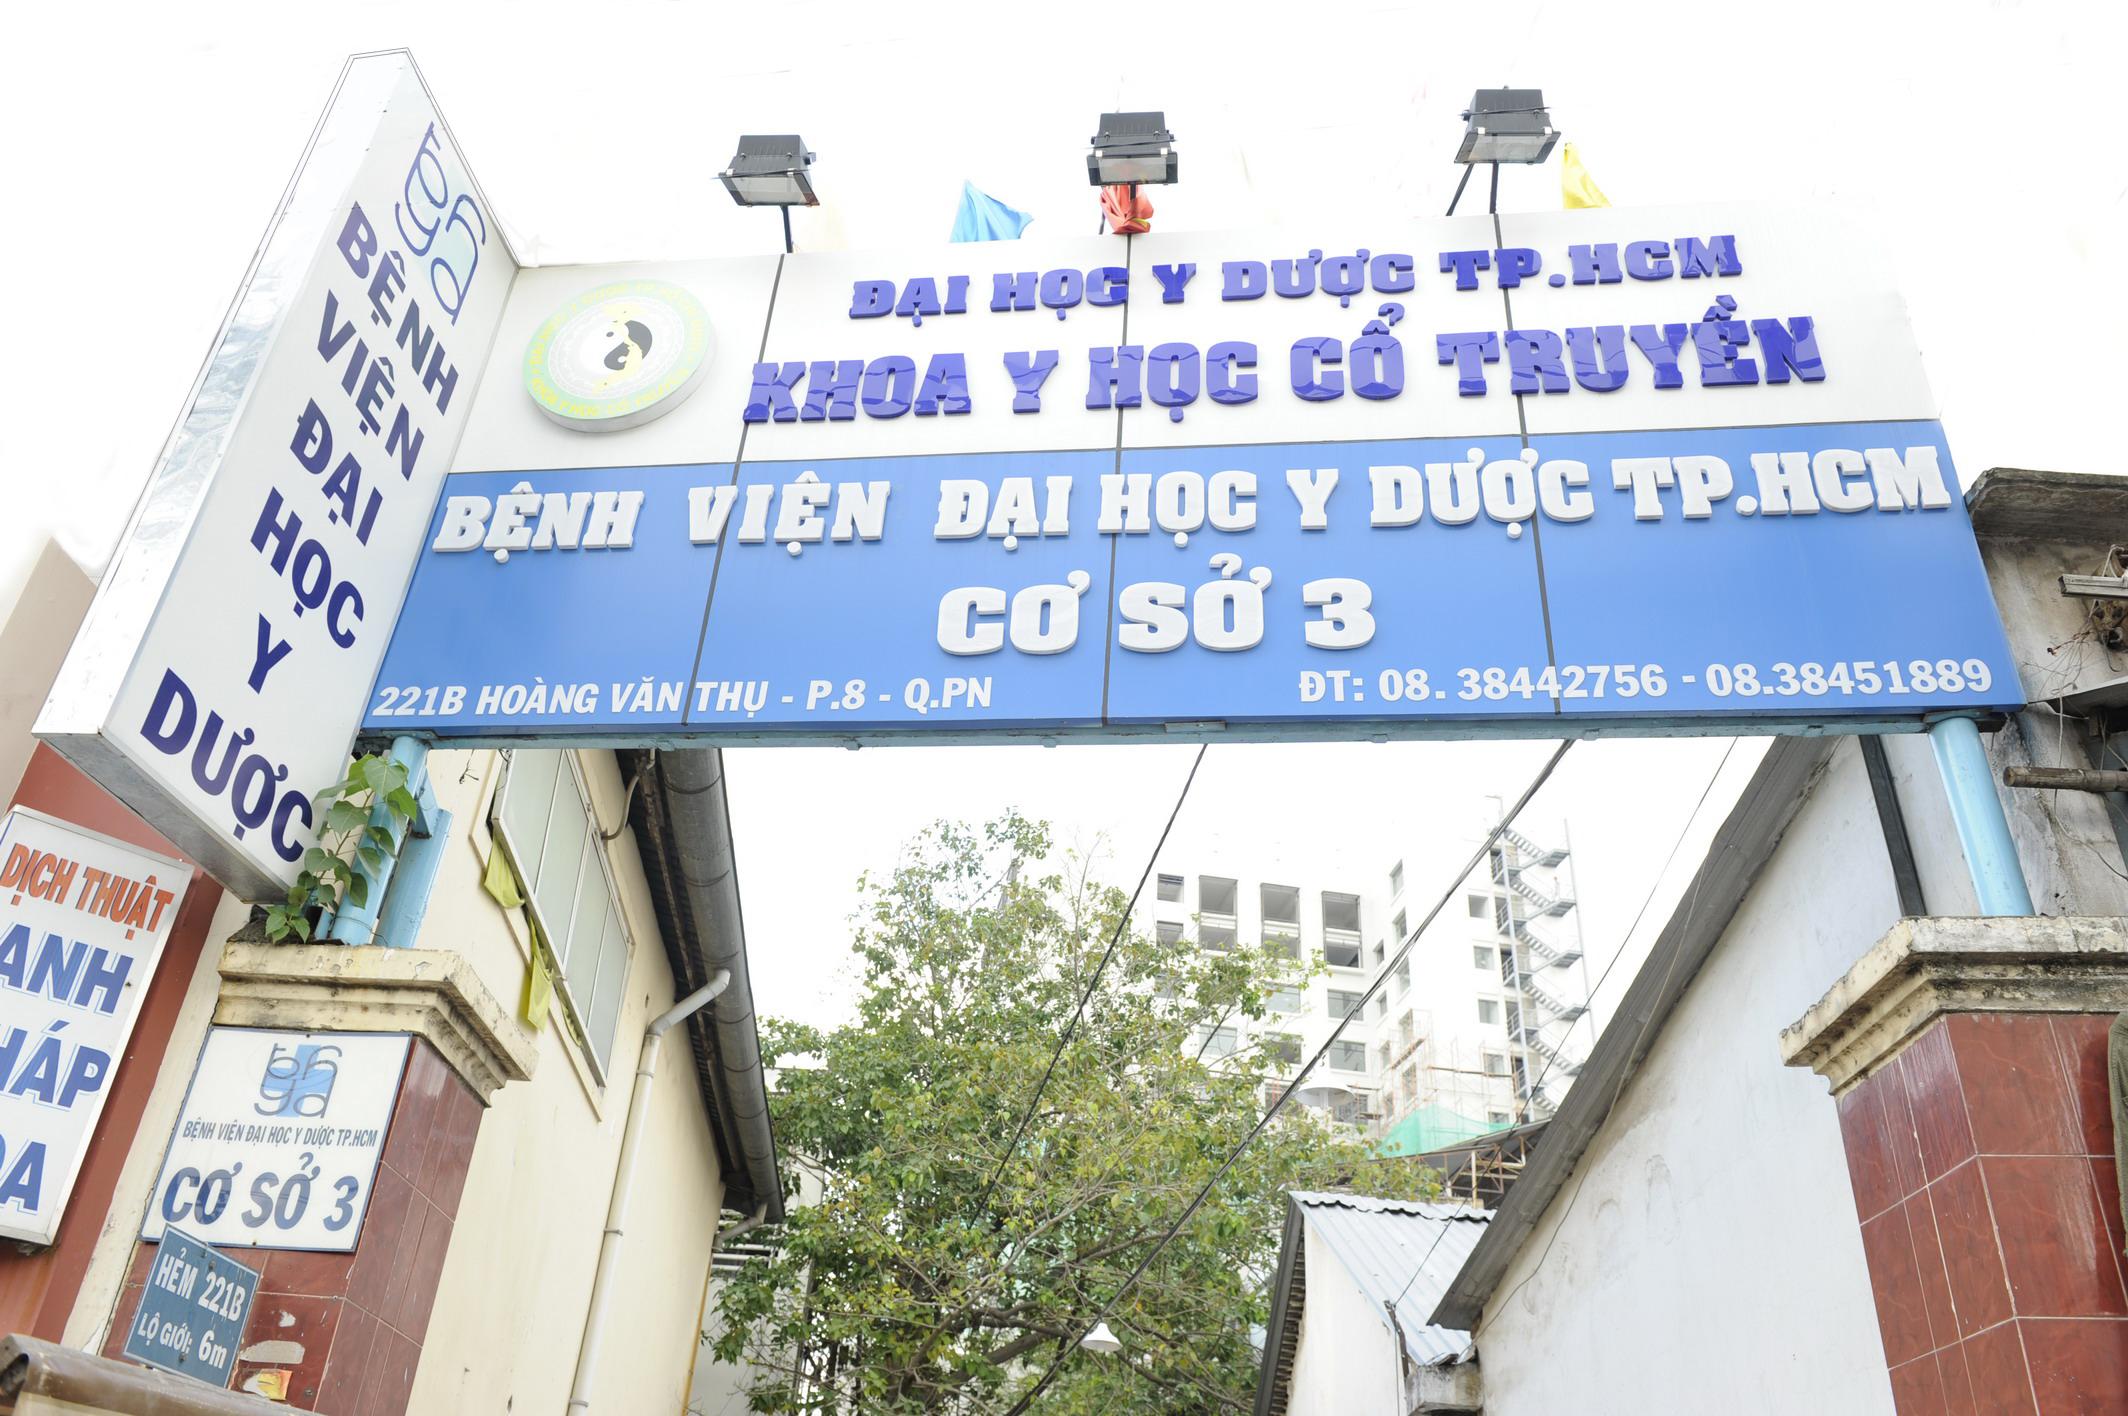 bệnh viện Đại học Y Dược thành phố Hồ Chí Minh - Cơ sở 3